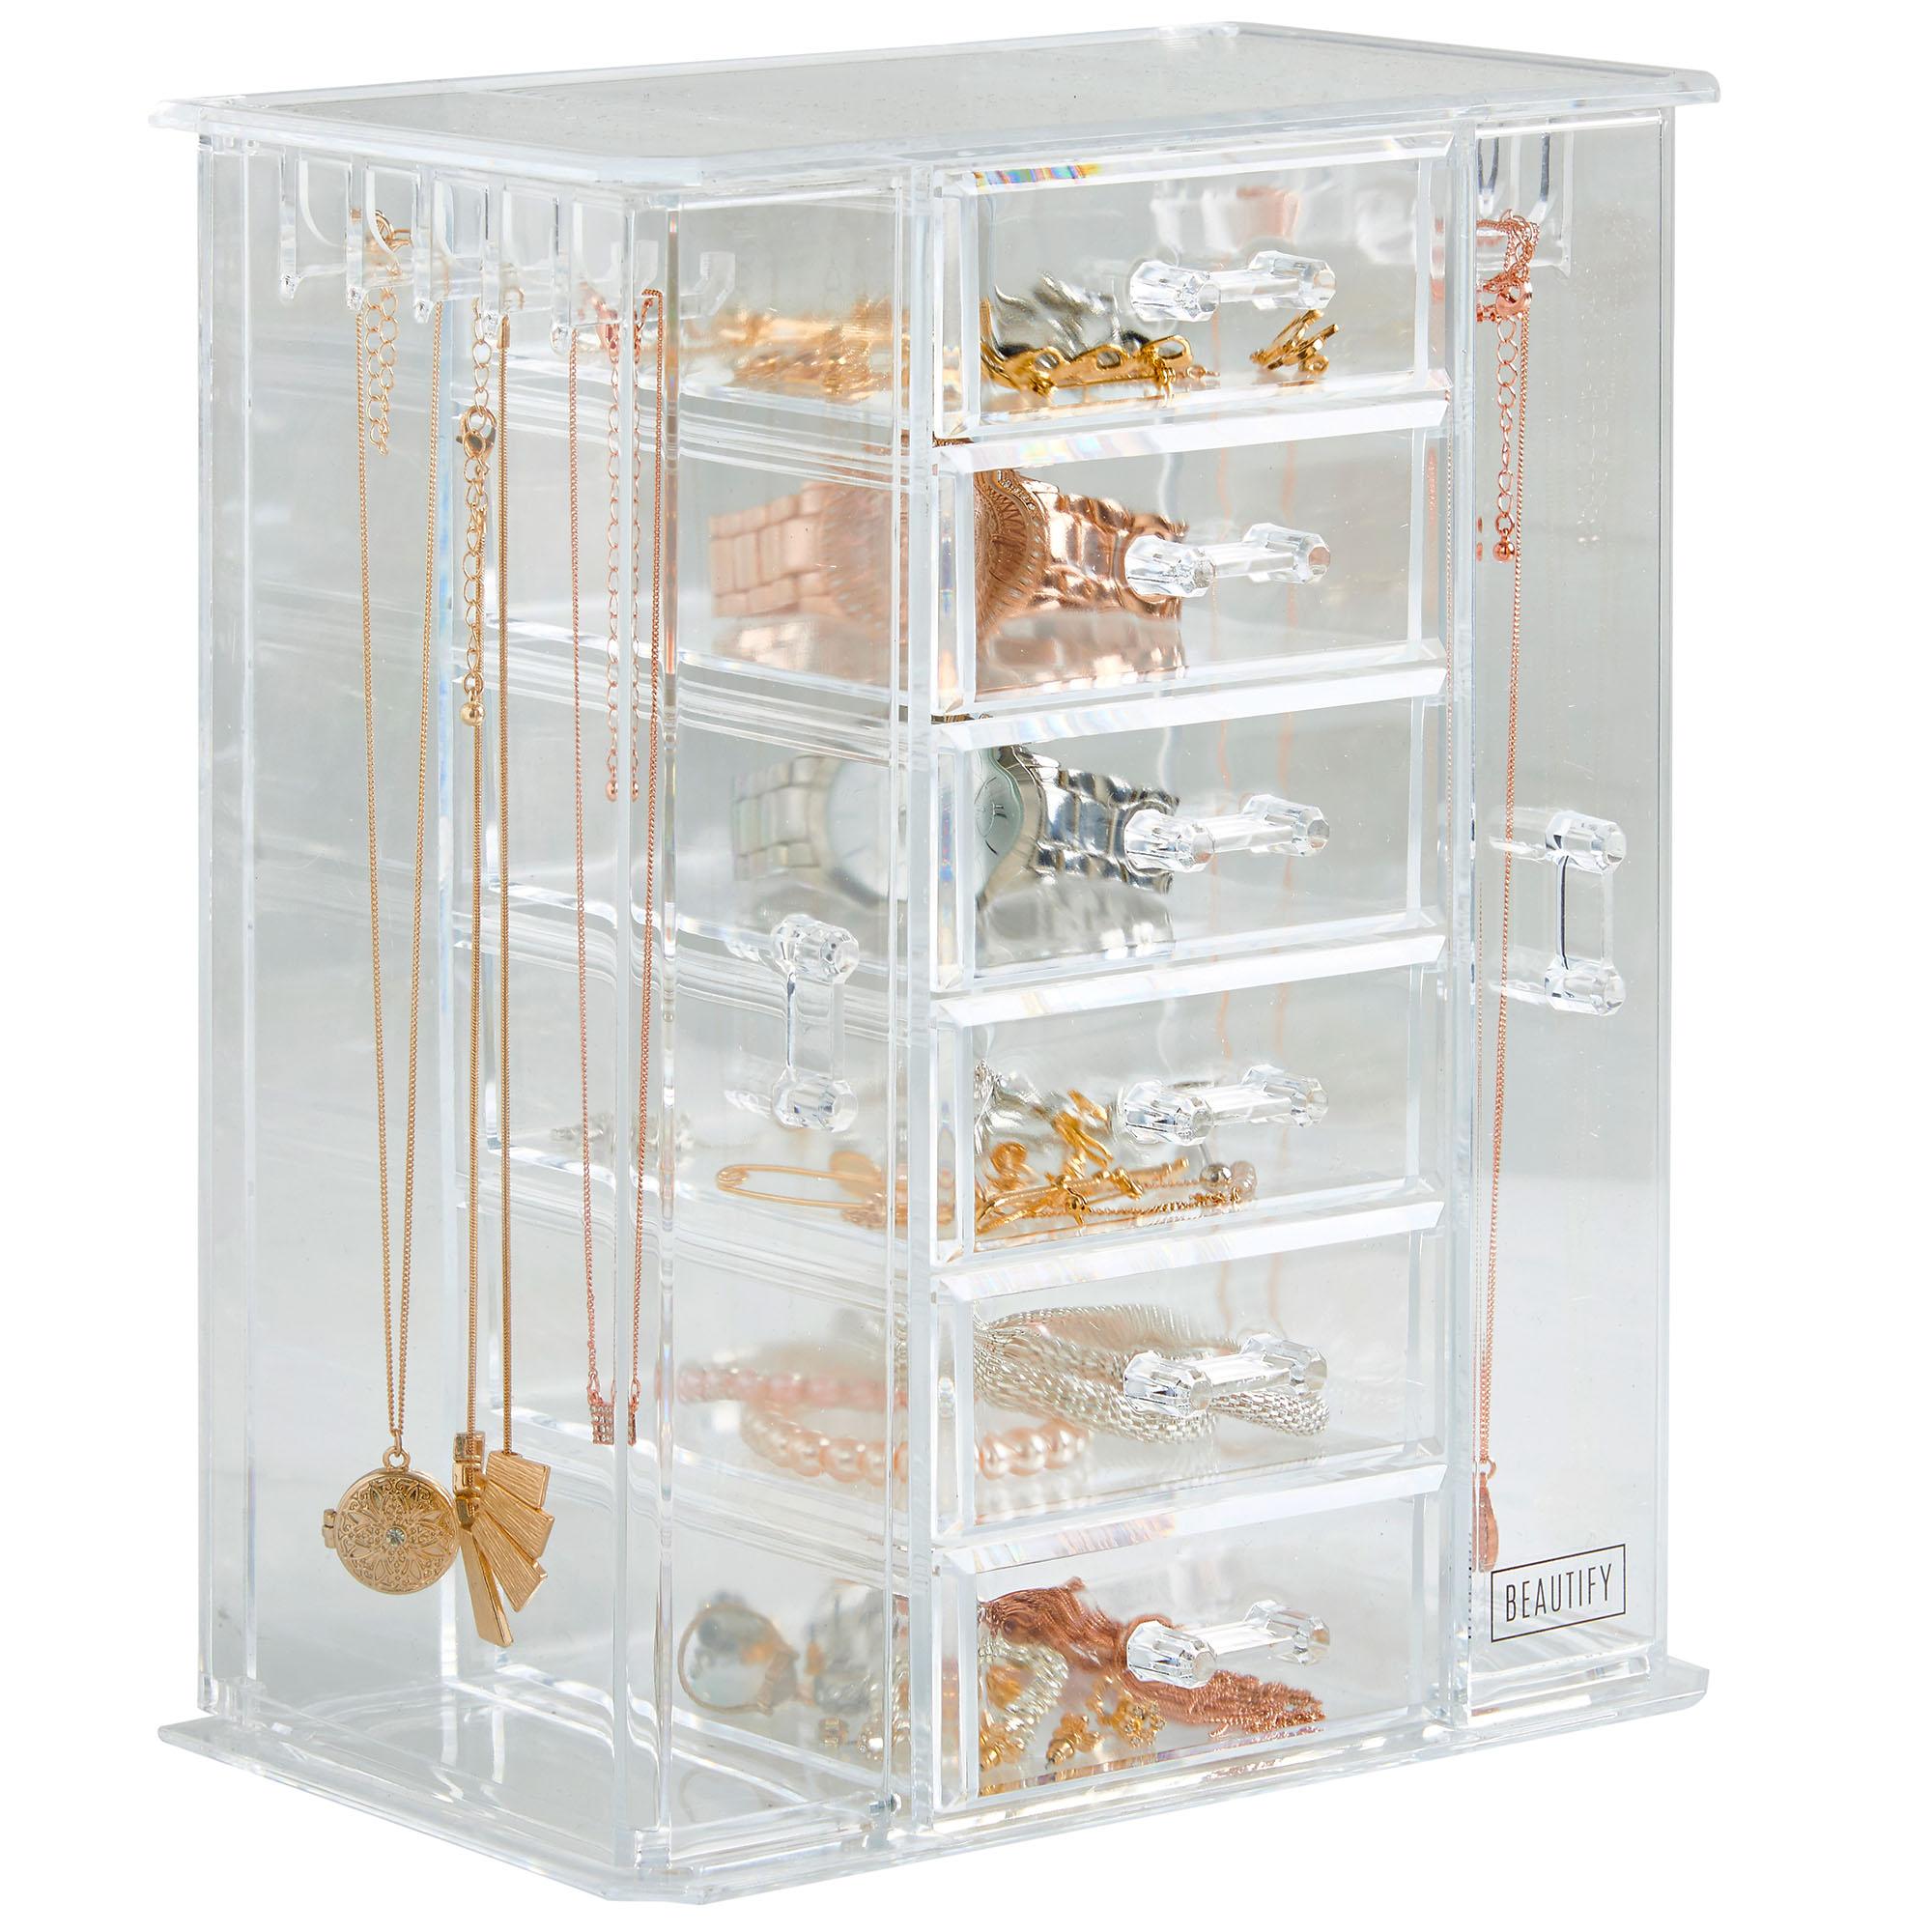 Beautify Clear Acrylic Jewelry Organizer Storage Box With 6 Drawers 5060192526769 Ebay